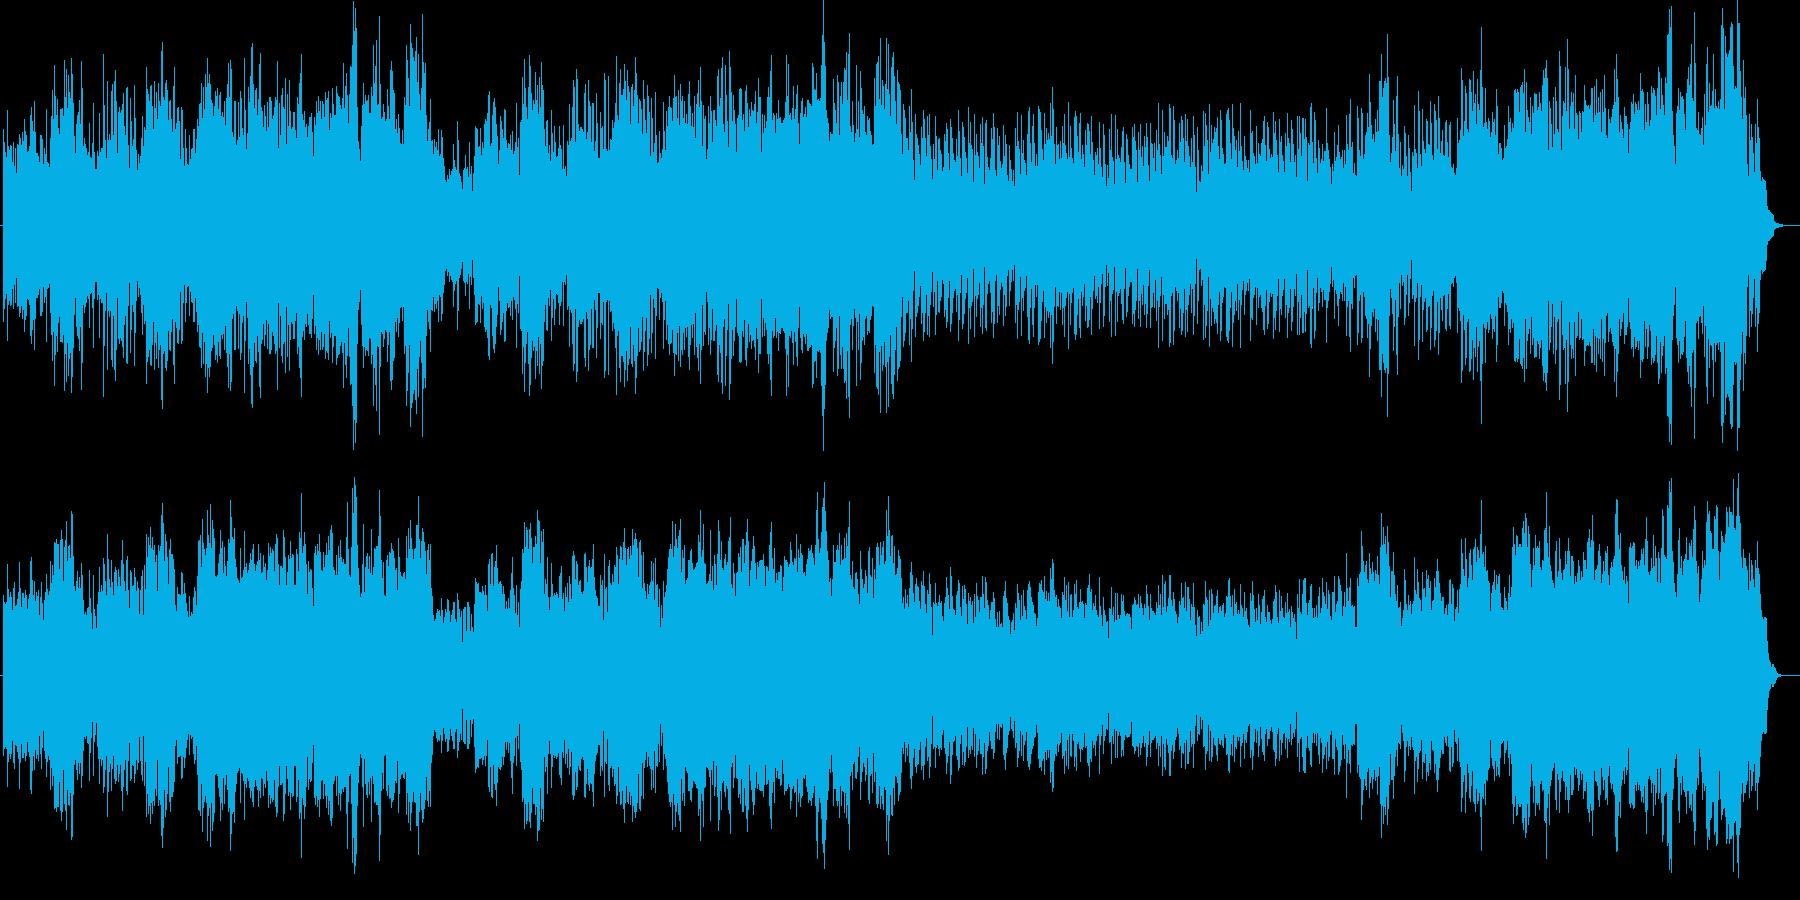 クラシック調のヒーリングミュージックの再生済みの波形